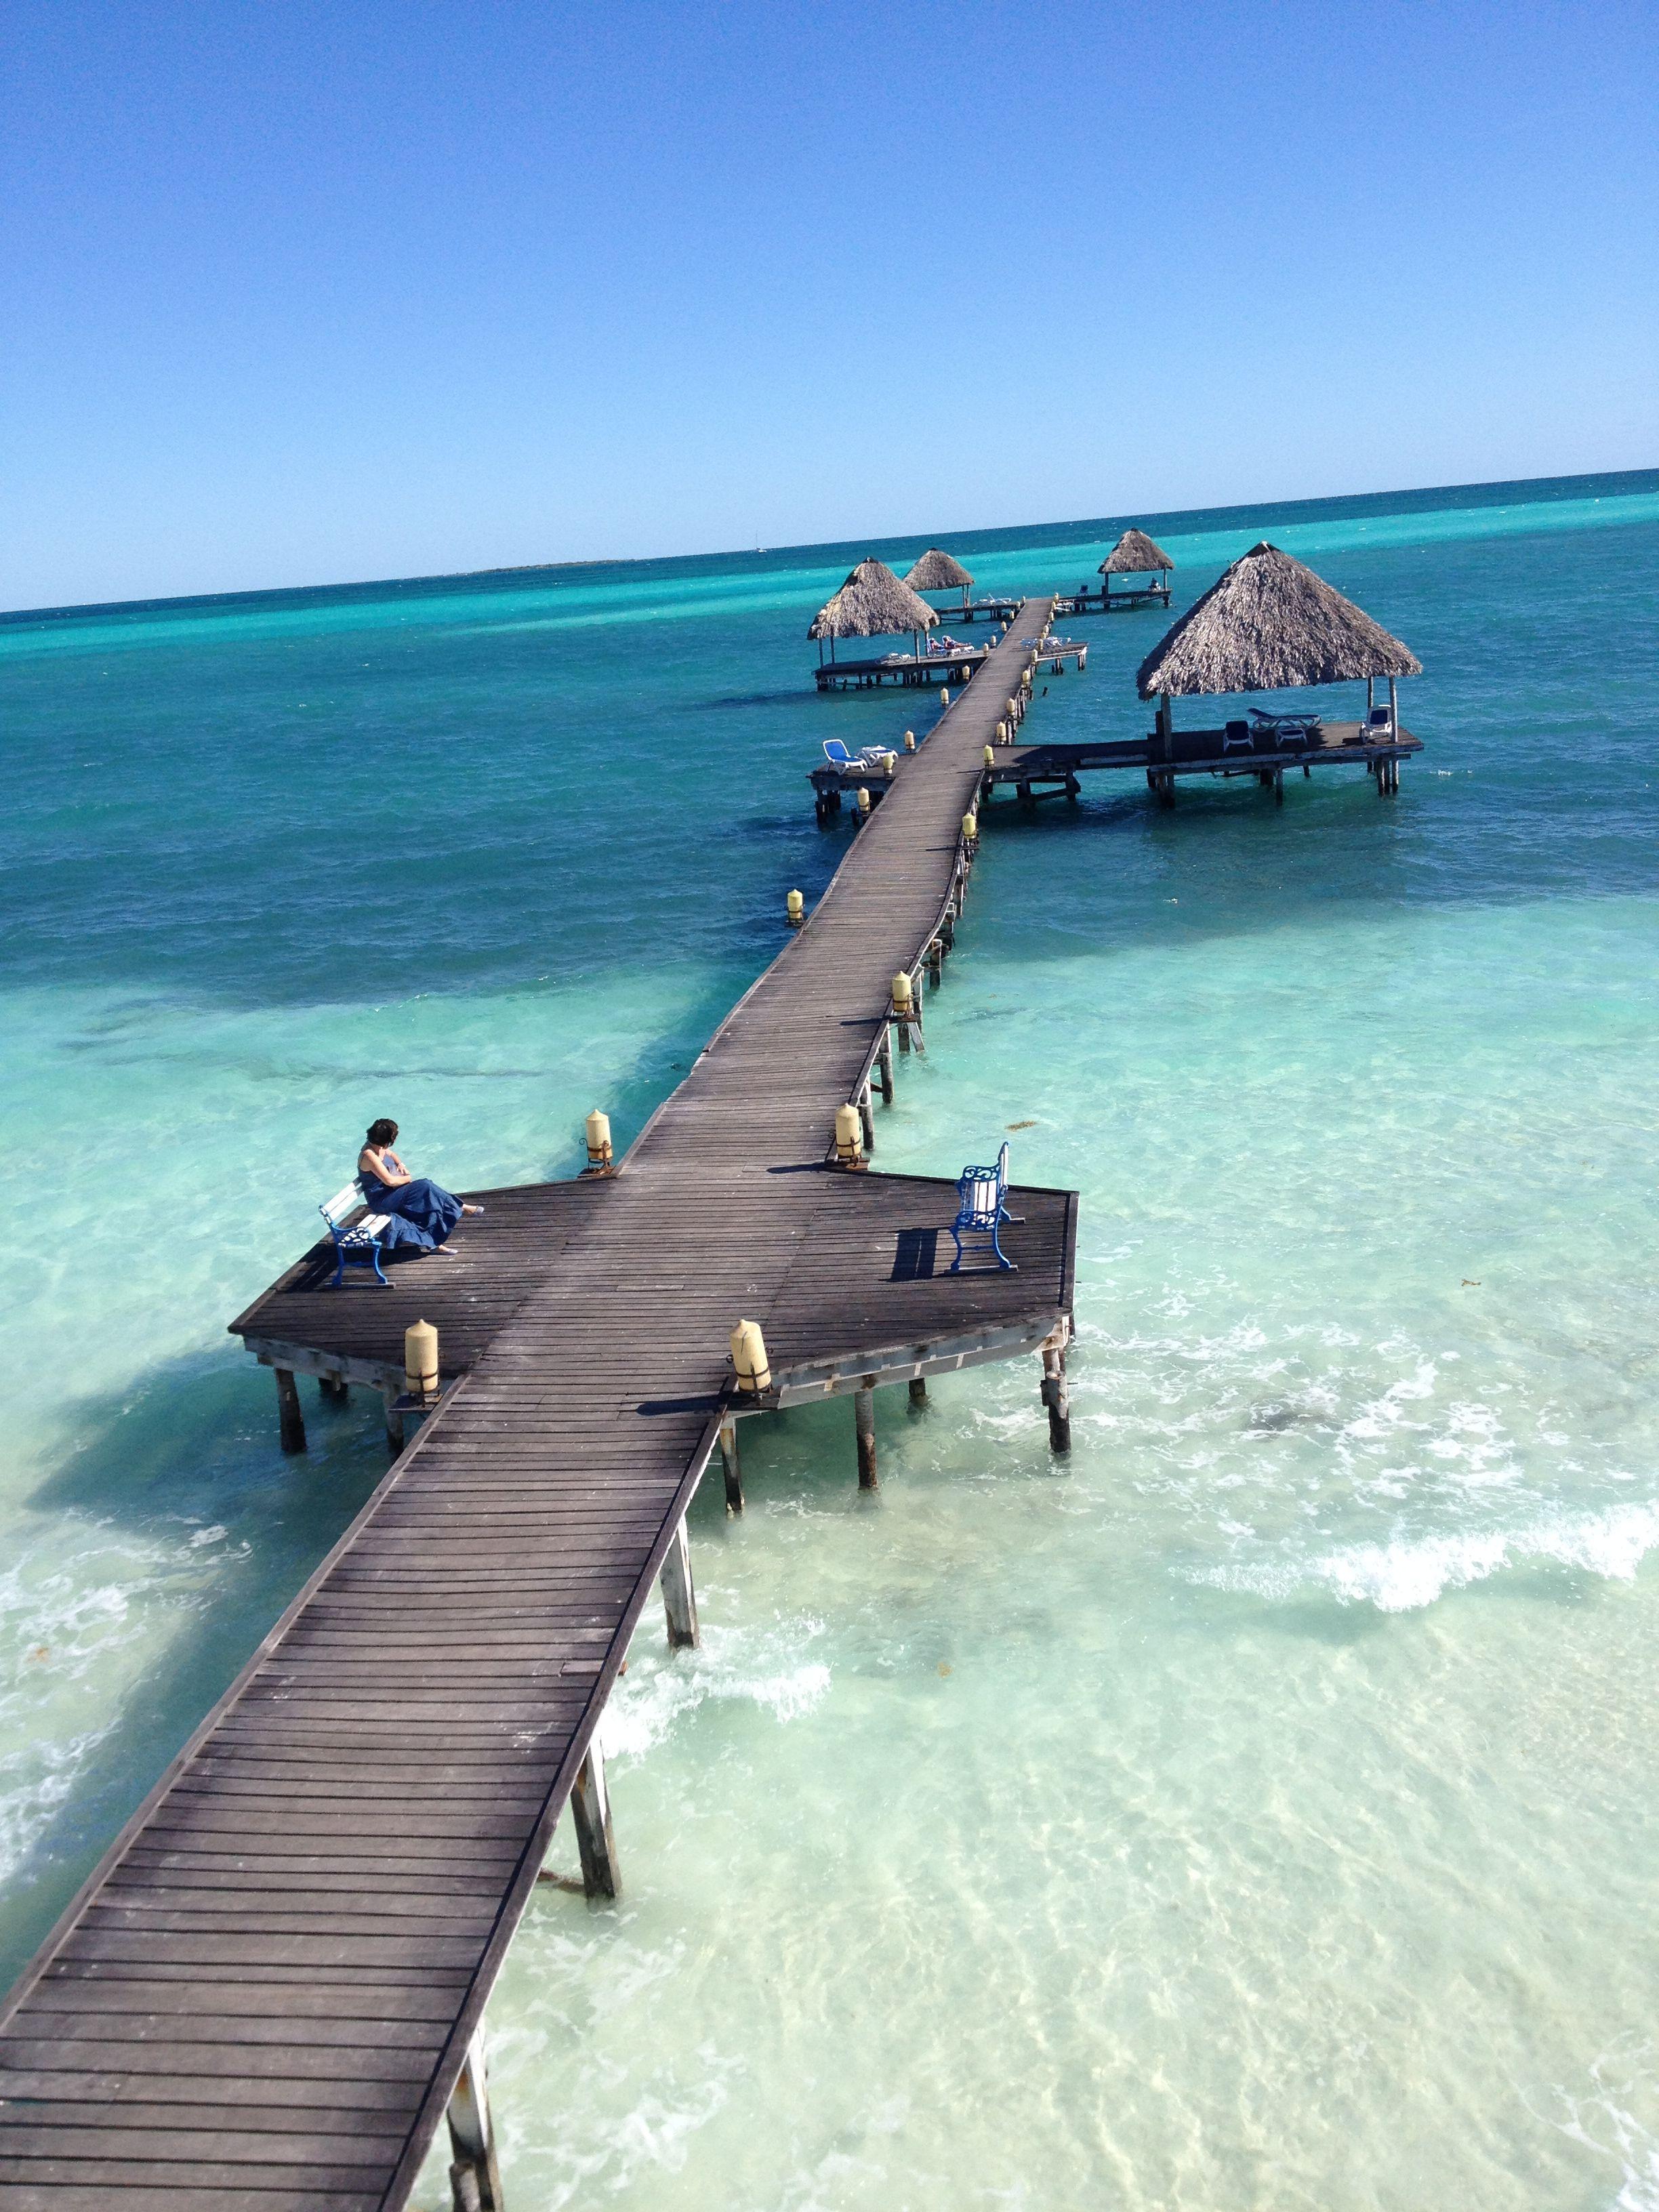 Cayo Guillermo - Cuba | Cuba Beaches | Cayo guillermo cuba ...